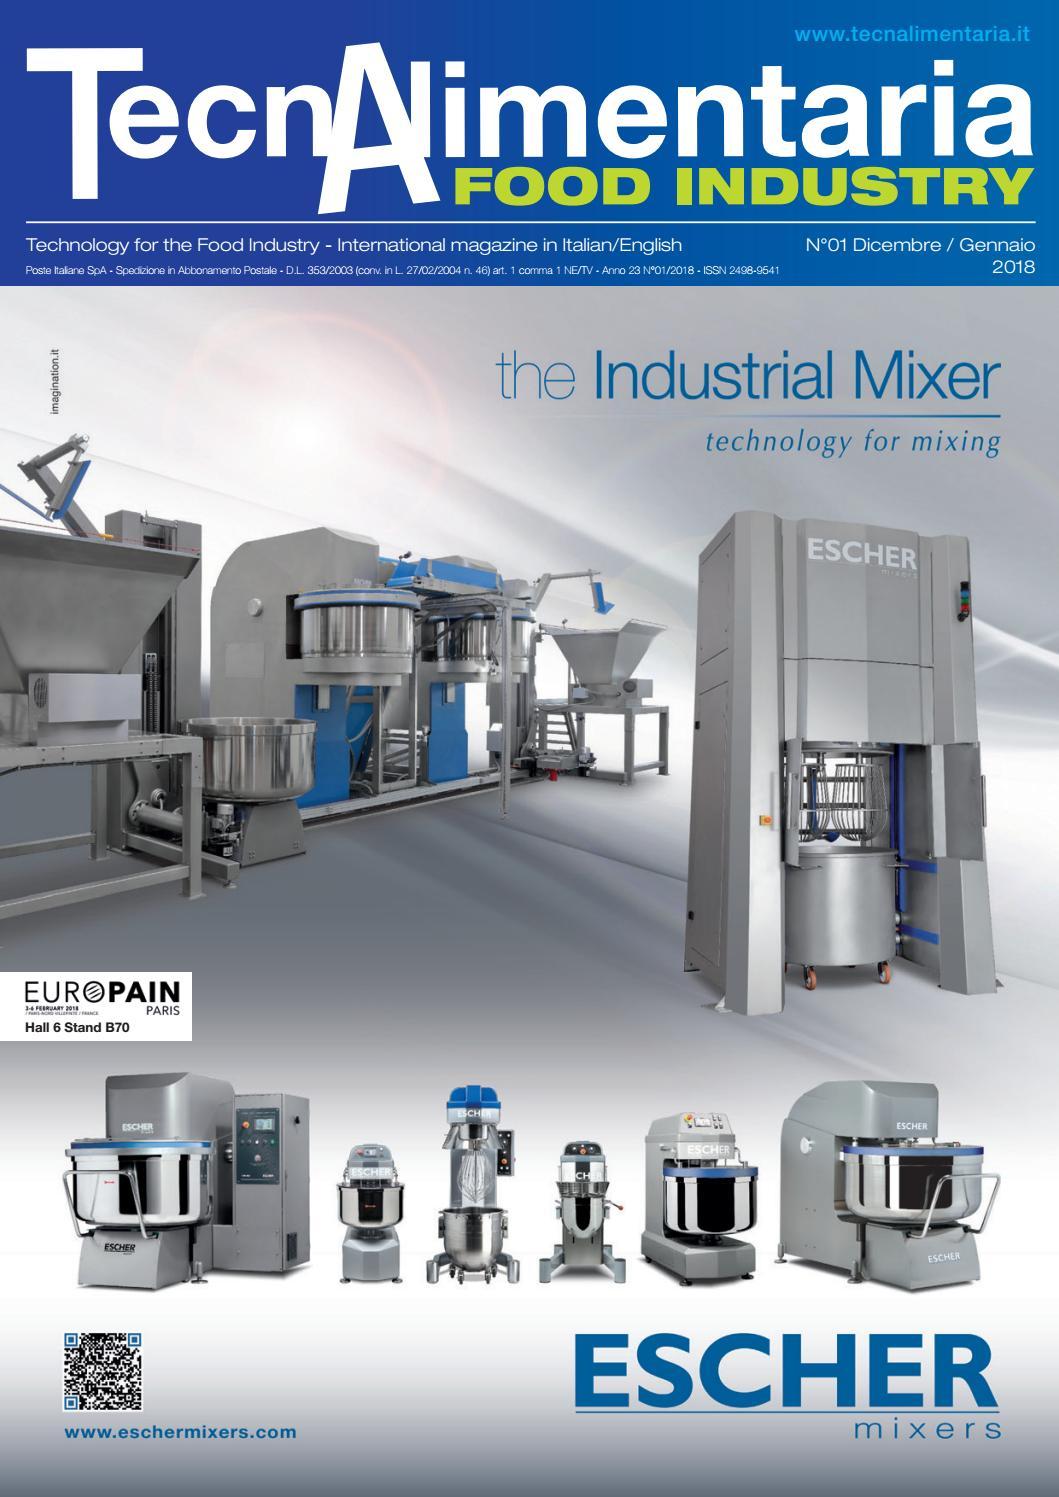 BOSCH Universall oven-cooker-grill GUARNIZIONE della Porta 4 LATI